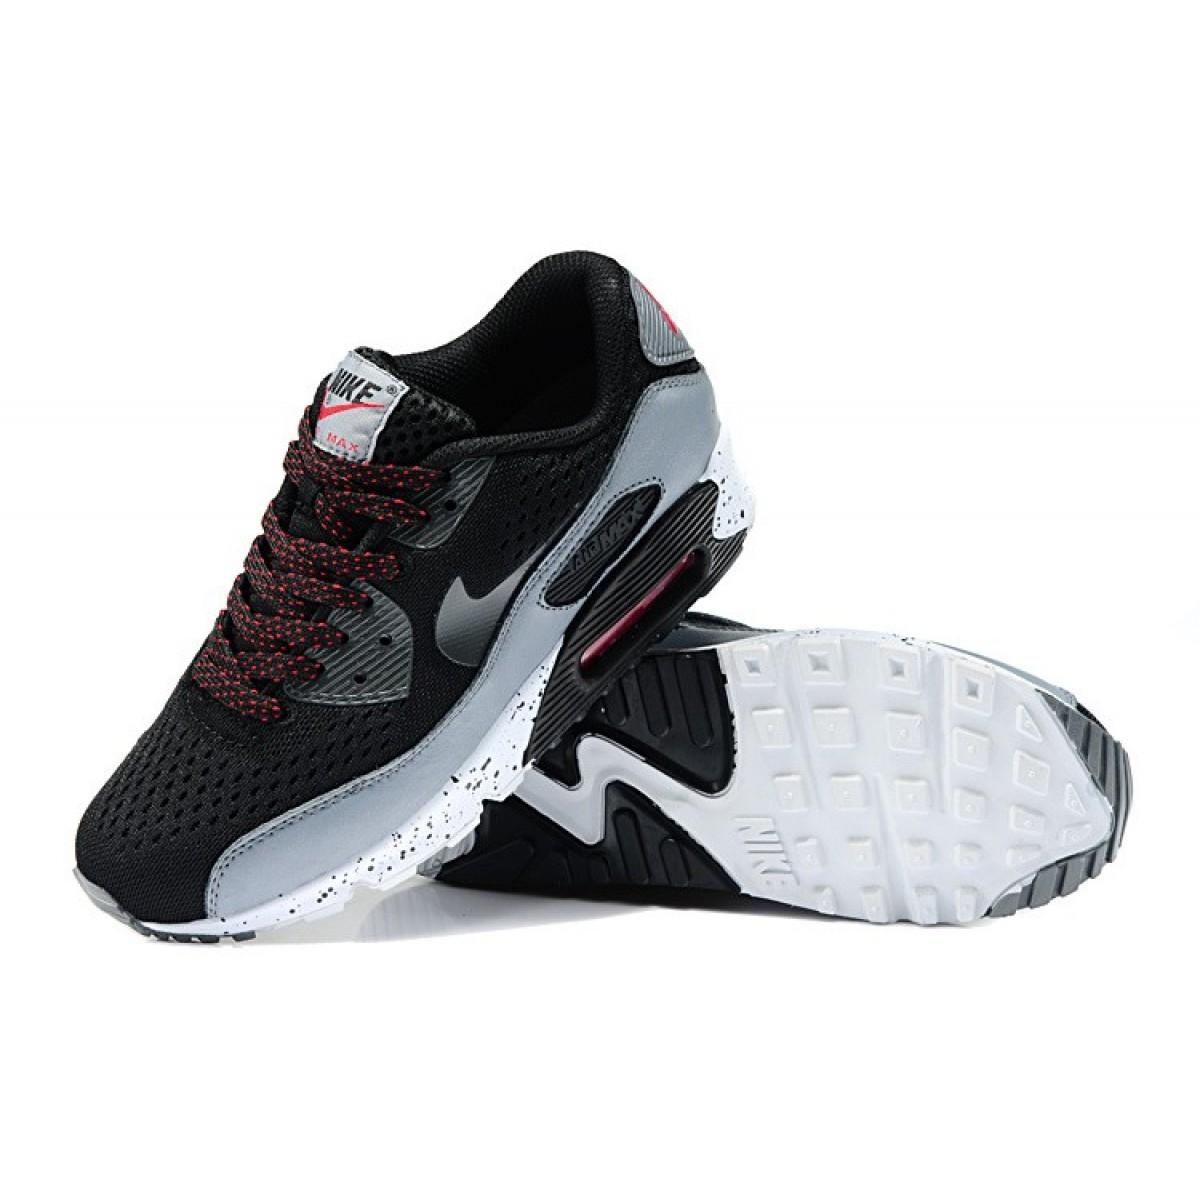 100% authentic 3d0a7 5b8a7 Achat   Vente produits Nike Air Max 90 Femme Noir,Nike Air Max 90 Femme